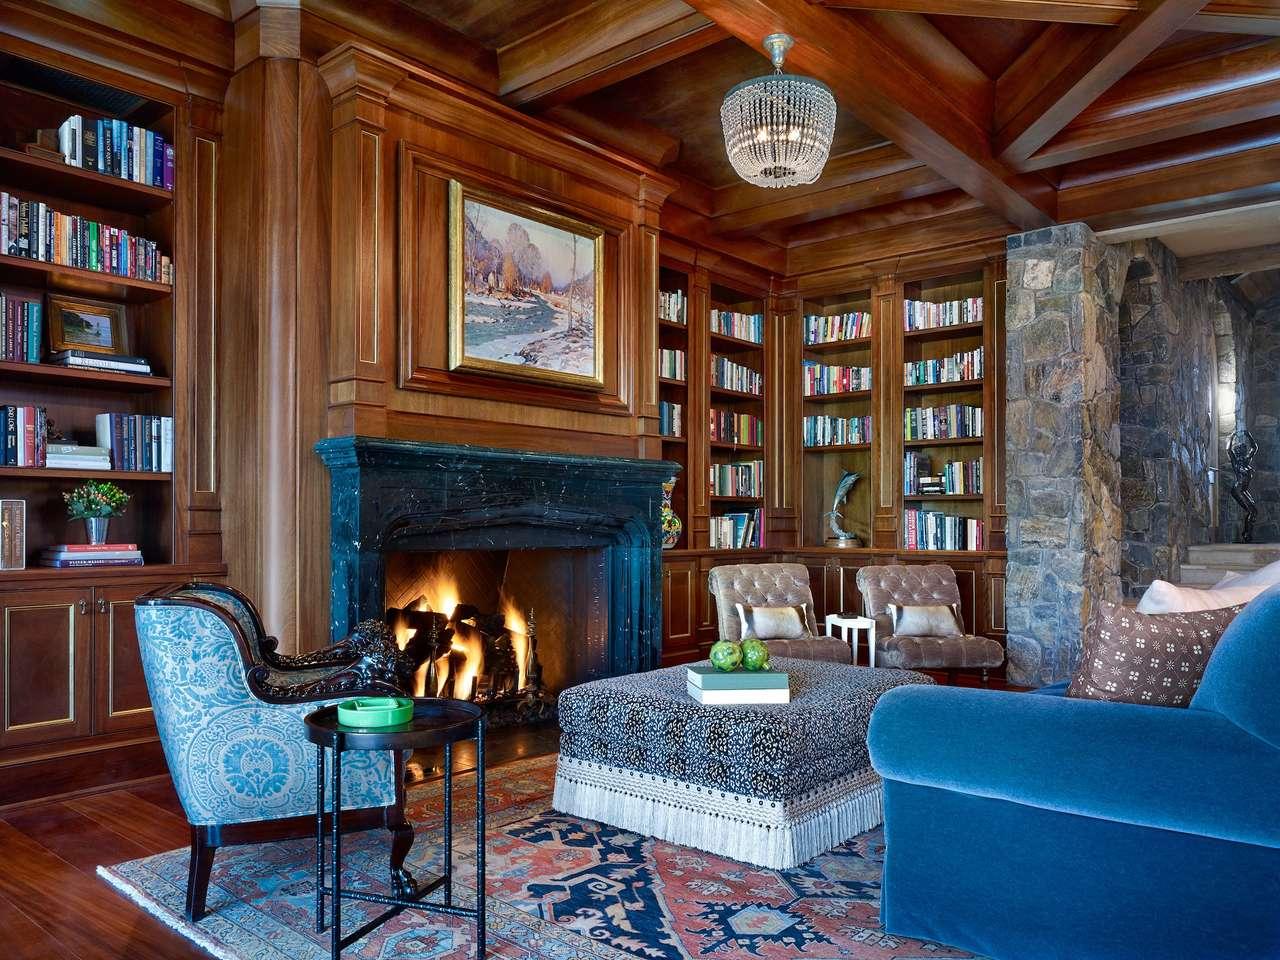 Bonita habitación con chimenea y biblioteca.